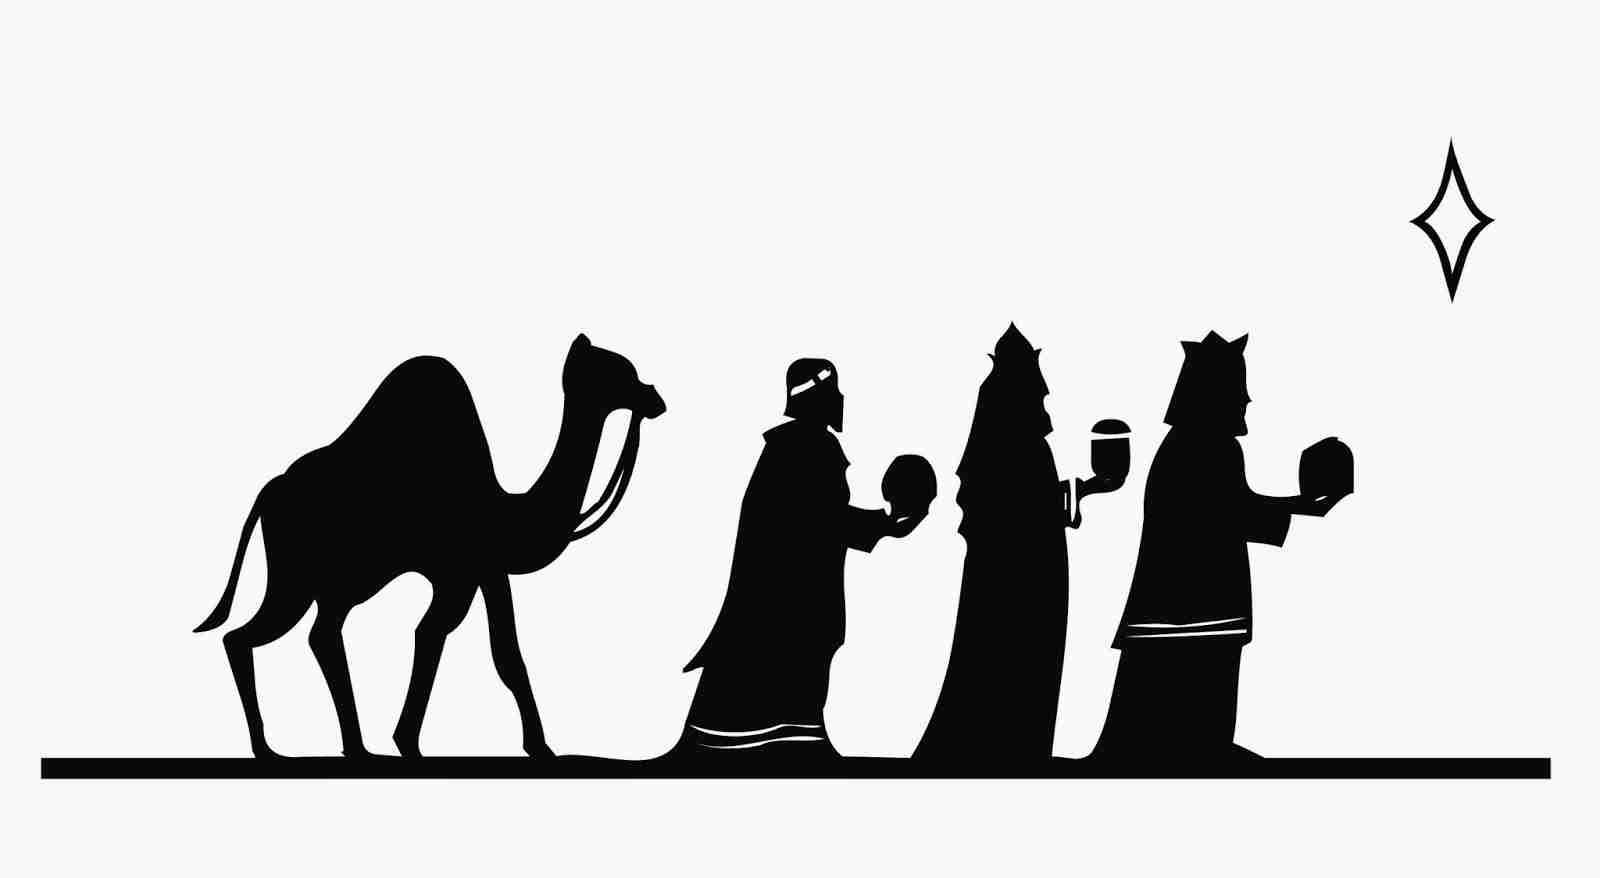 1600x878 Gifts Silhouette Scene Clipart Brilliant Three Wise Men